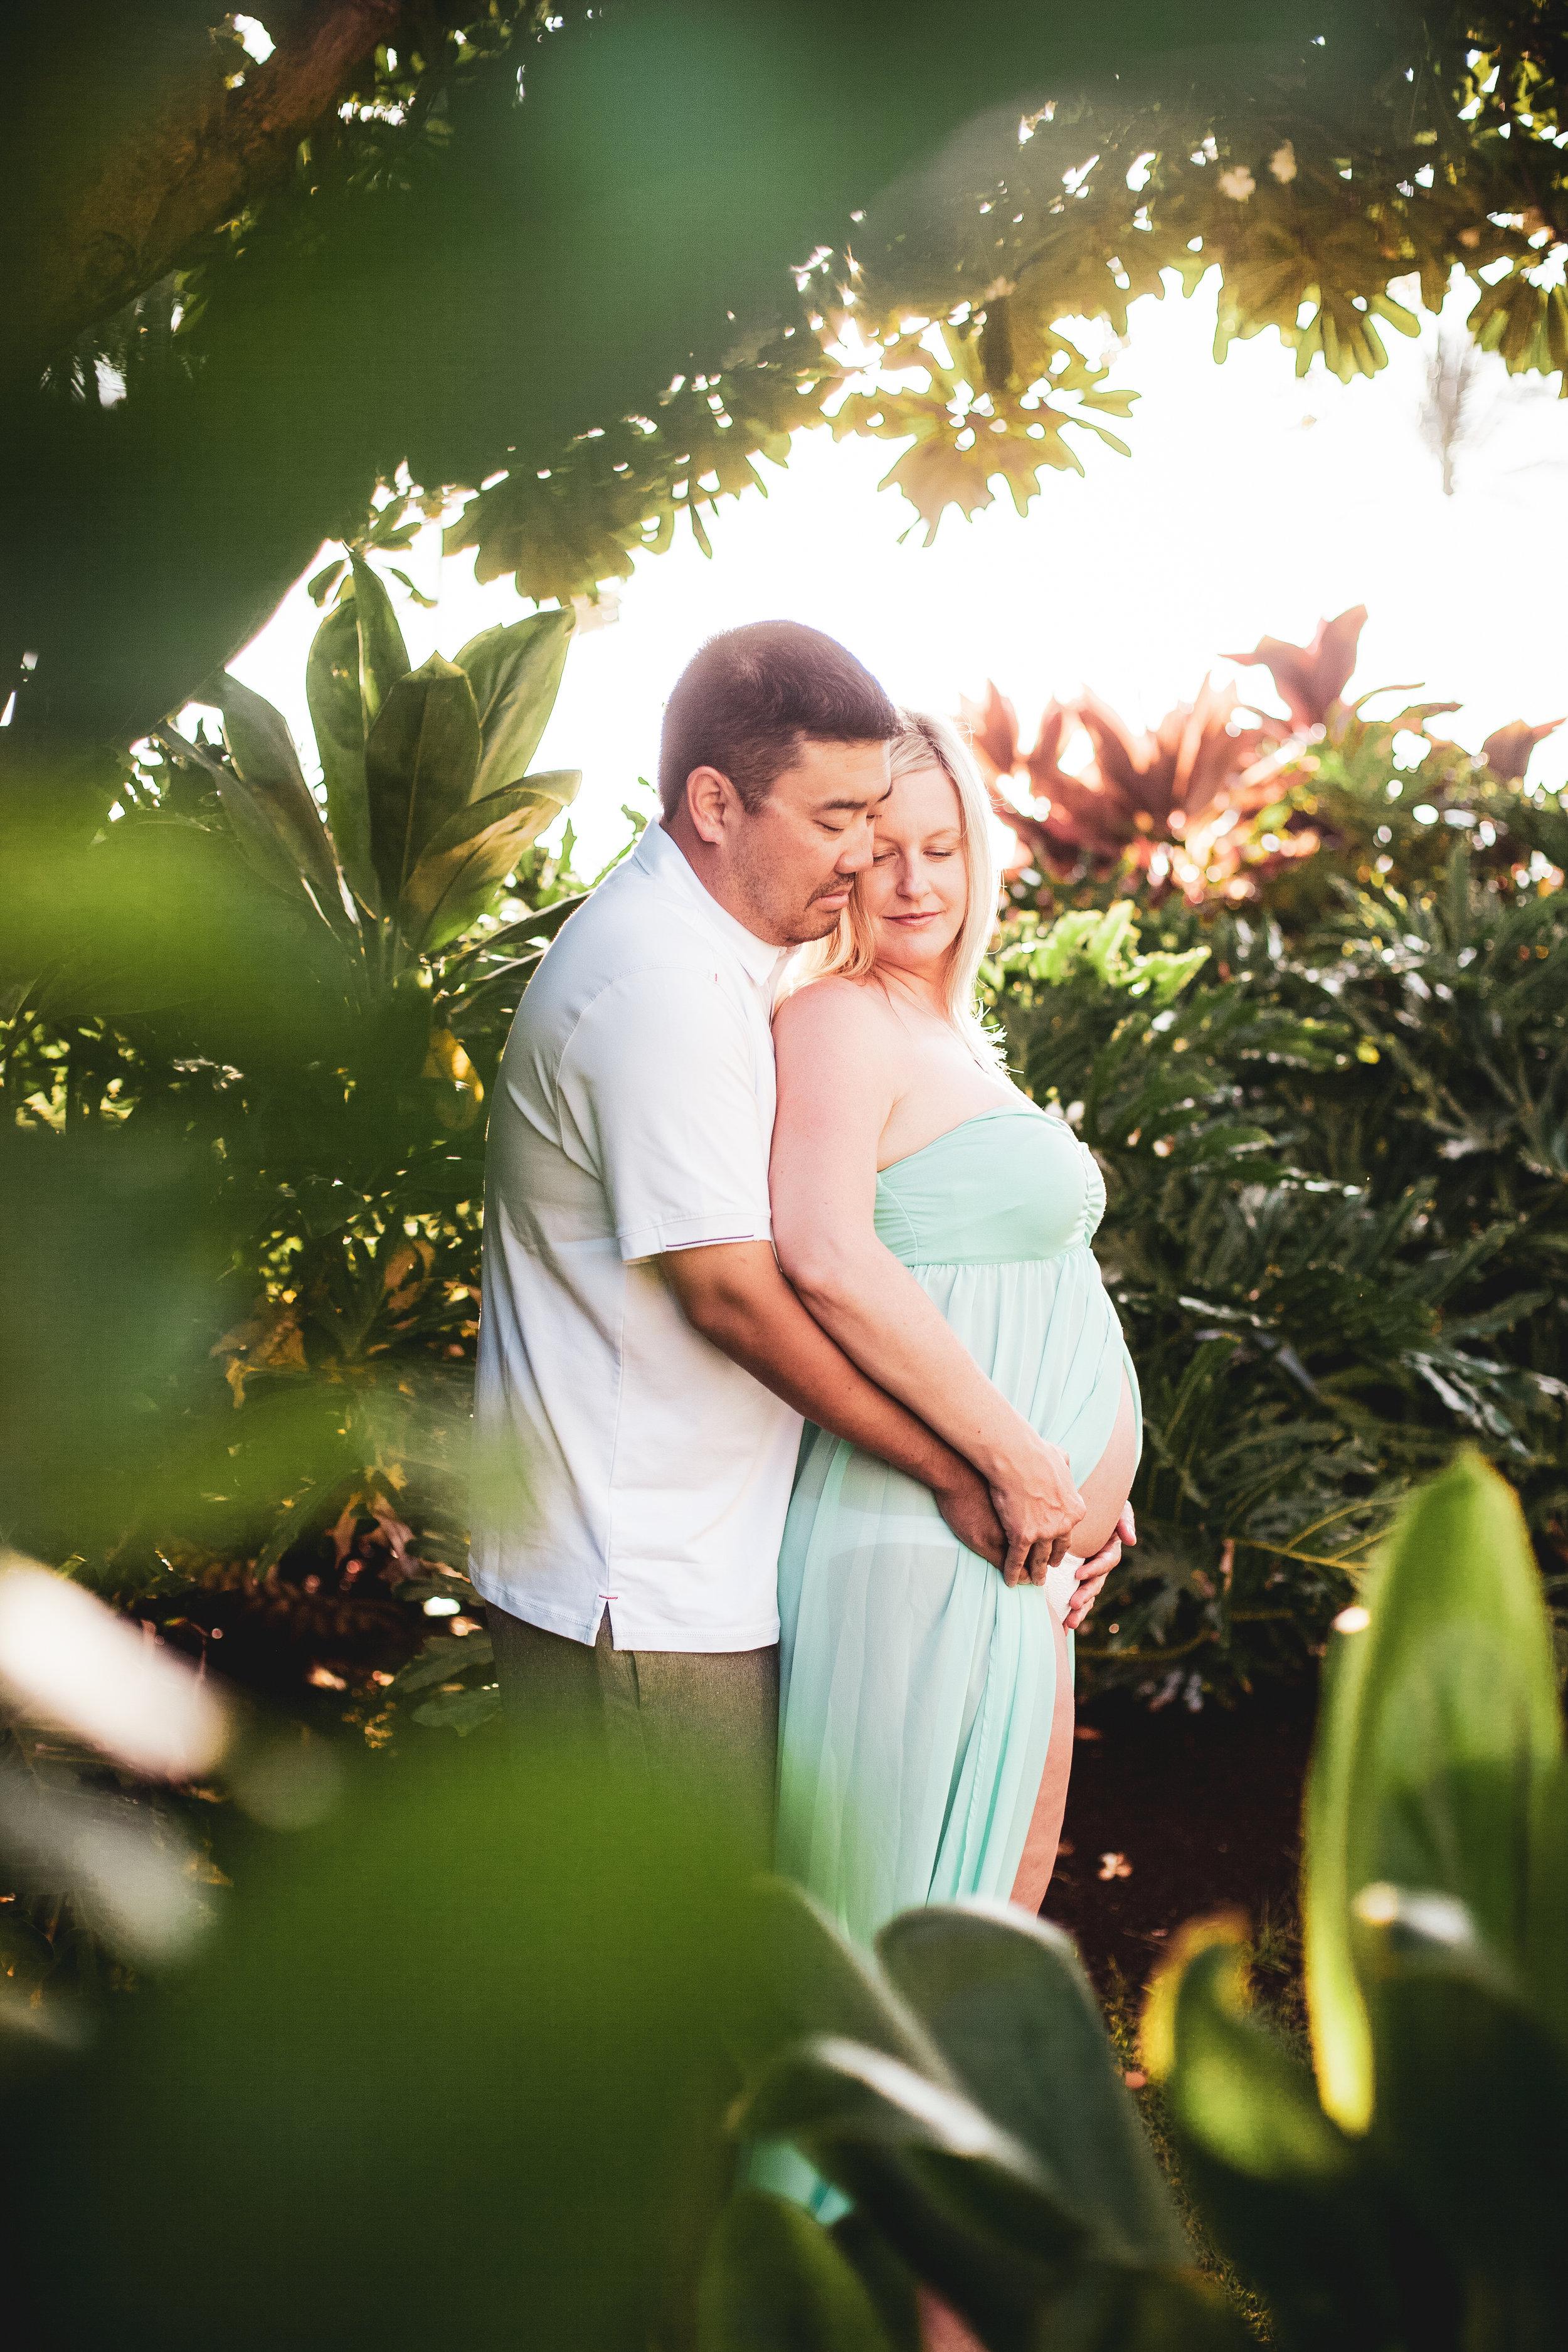 kelilina photography lifestyle maternity photographer.jpg